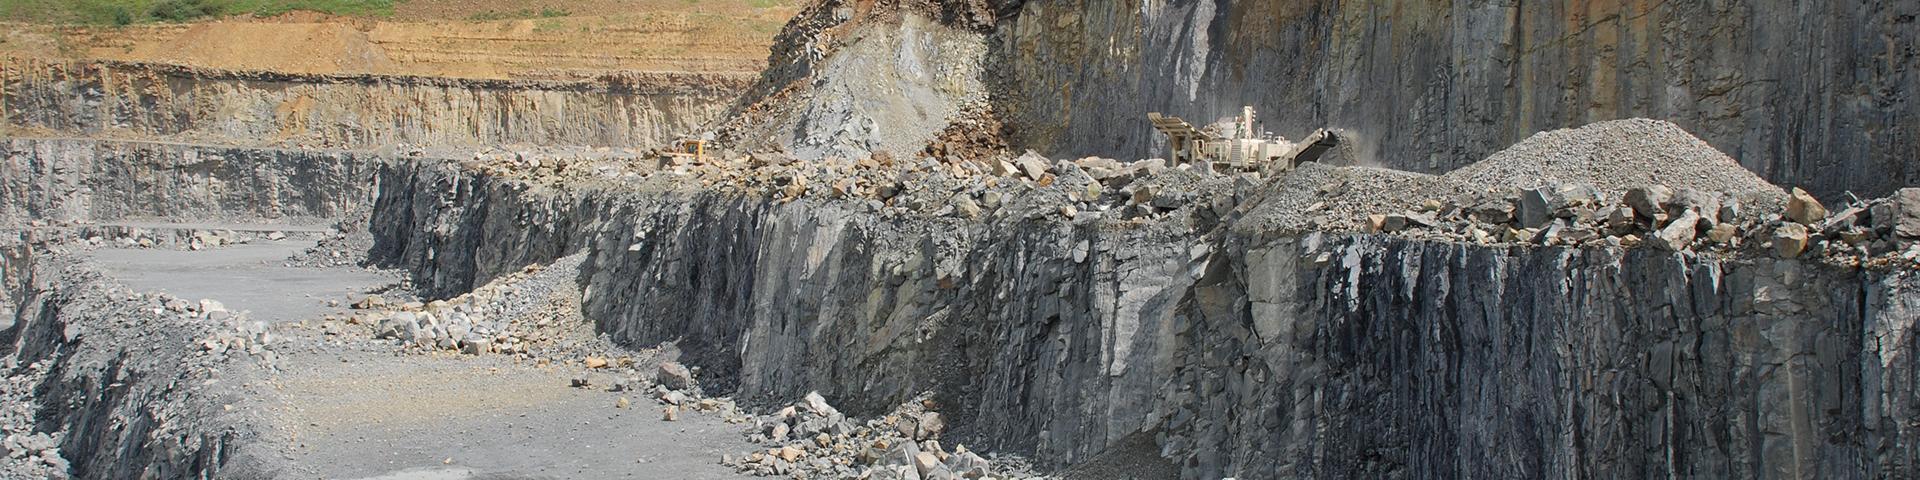 The Roche Blain quarry, Calvados